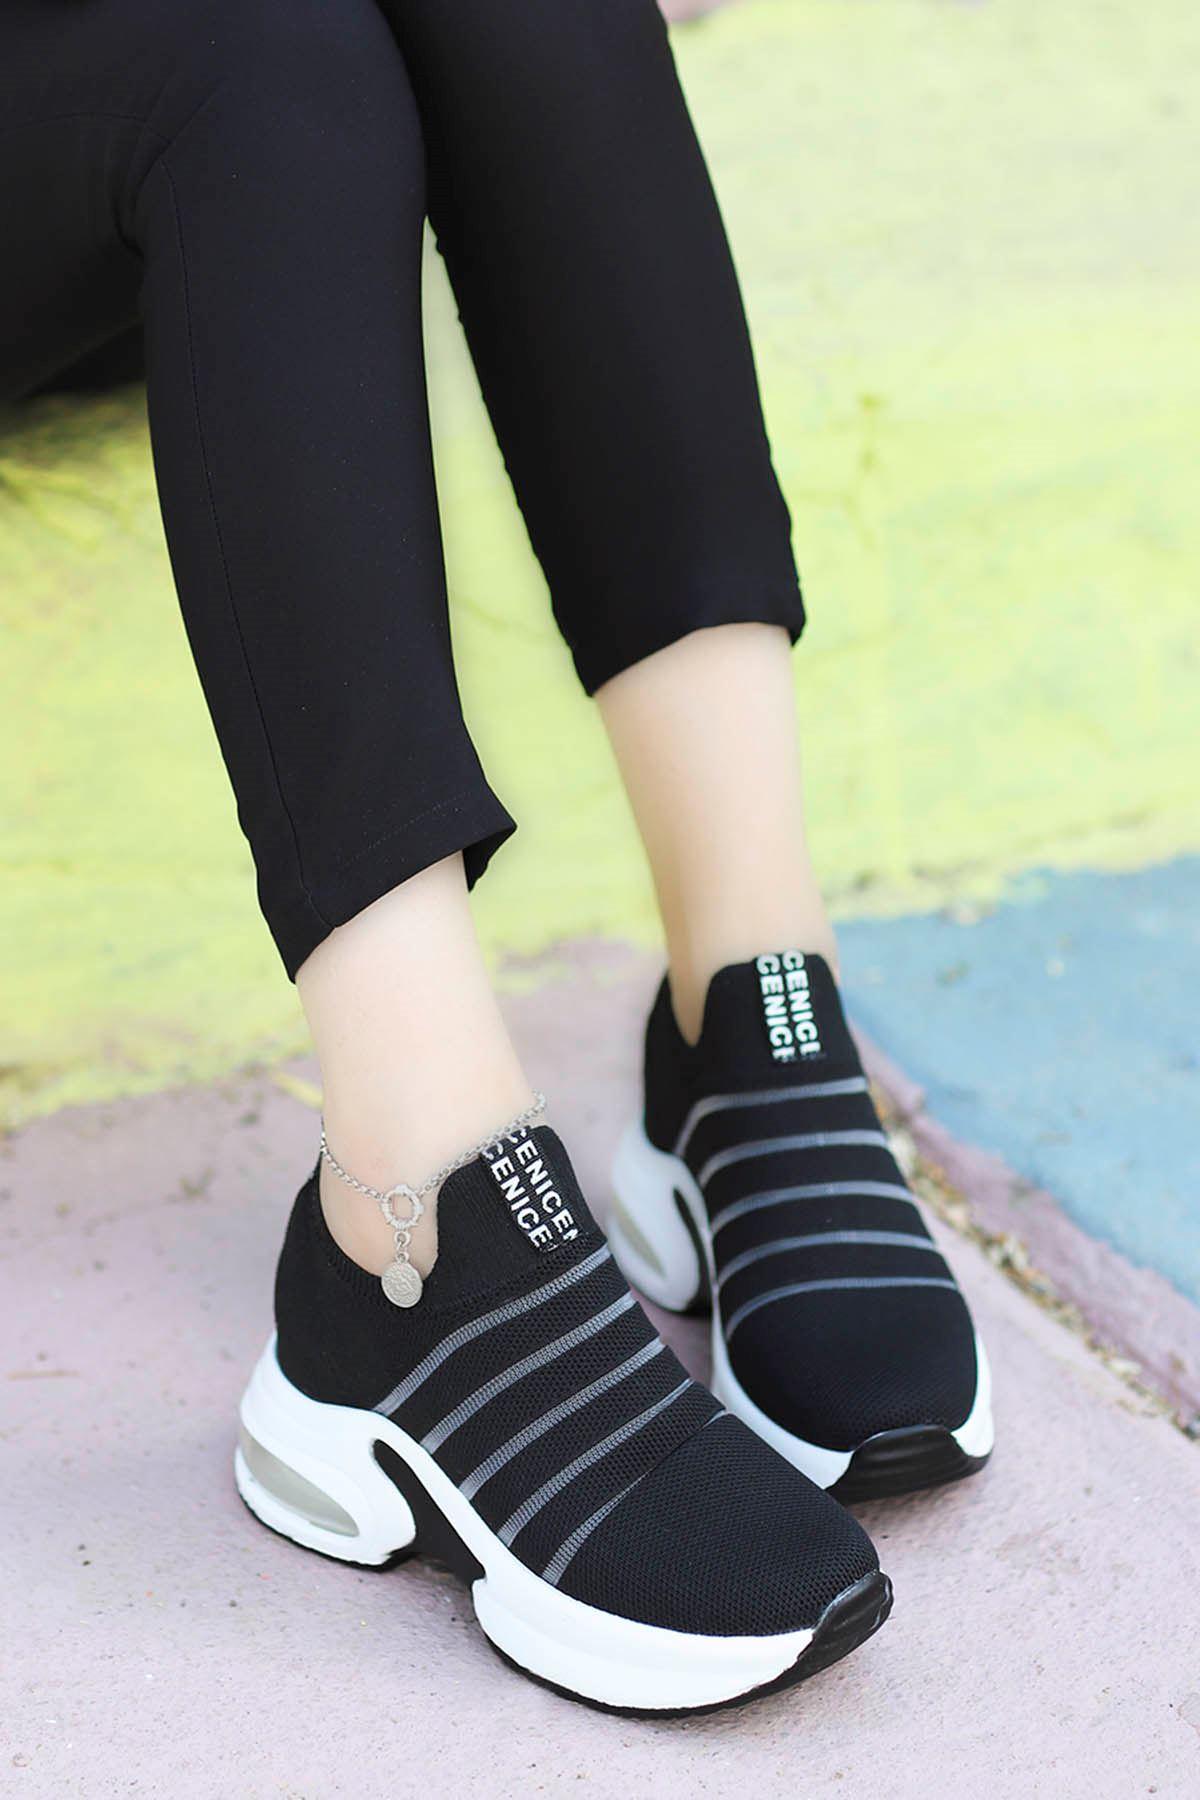 Jason Air Taban Spor Ayakkabı Siyah